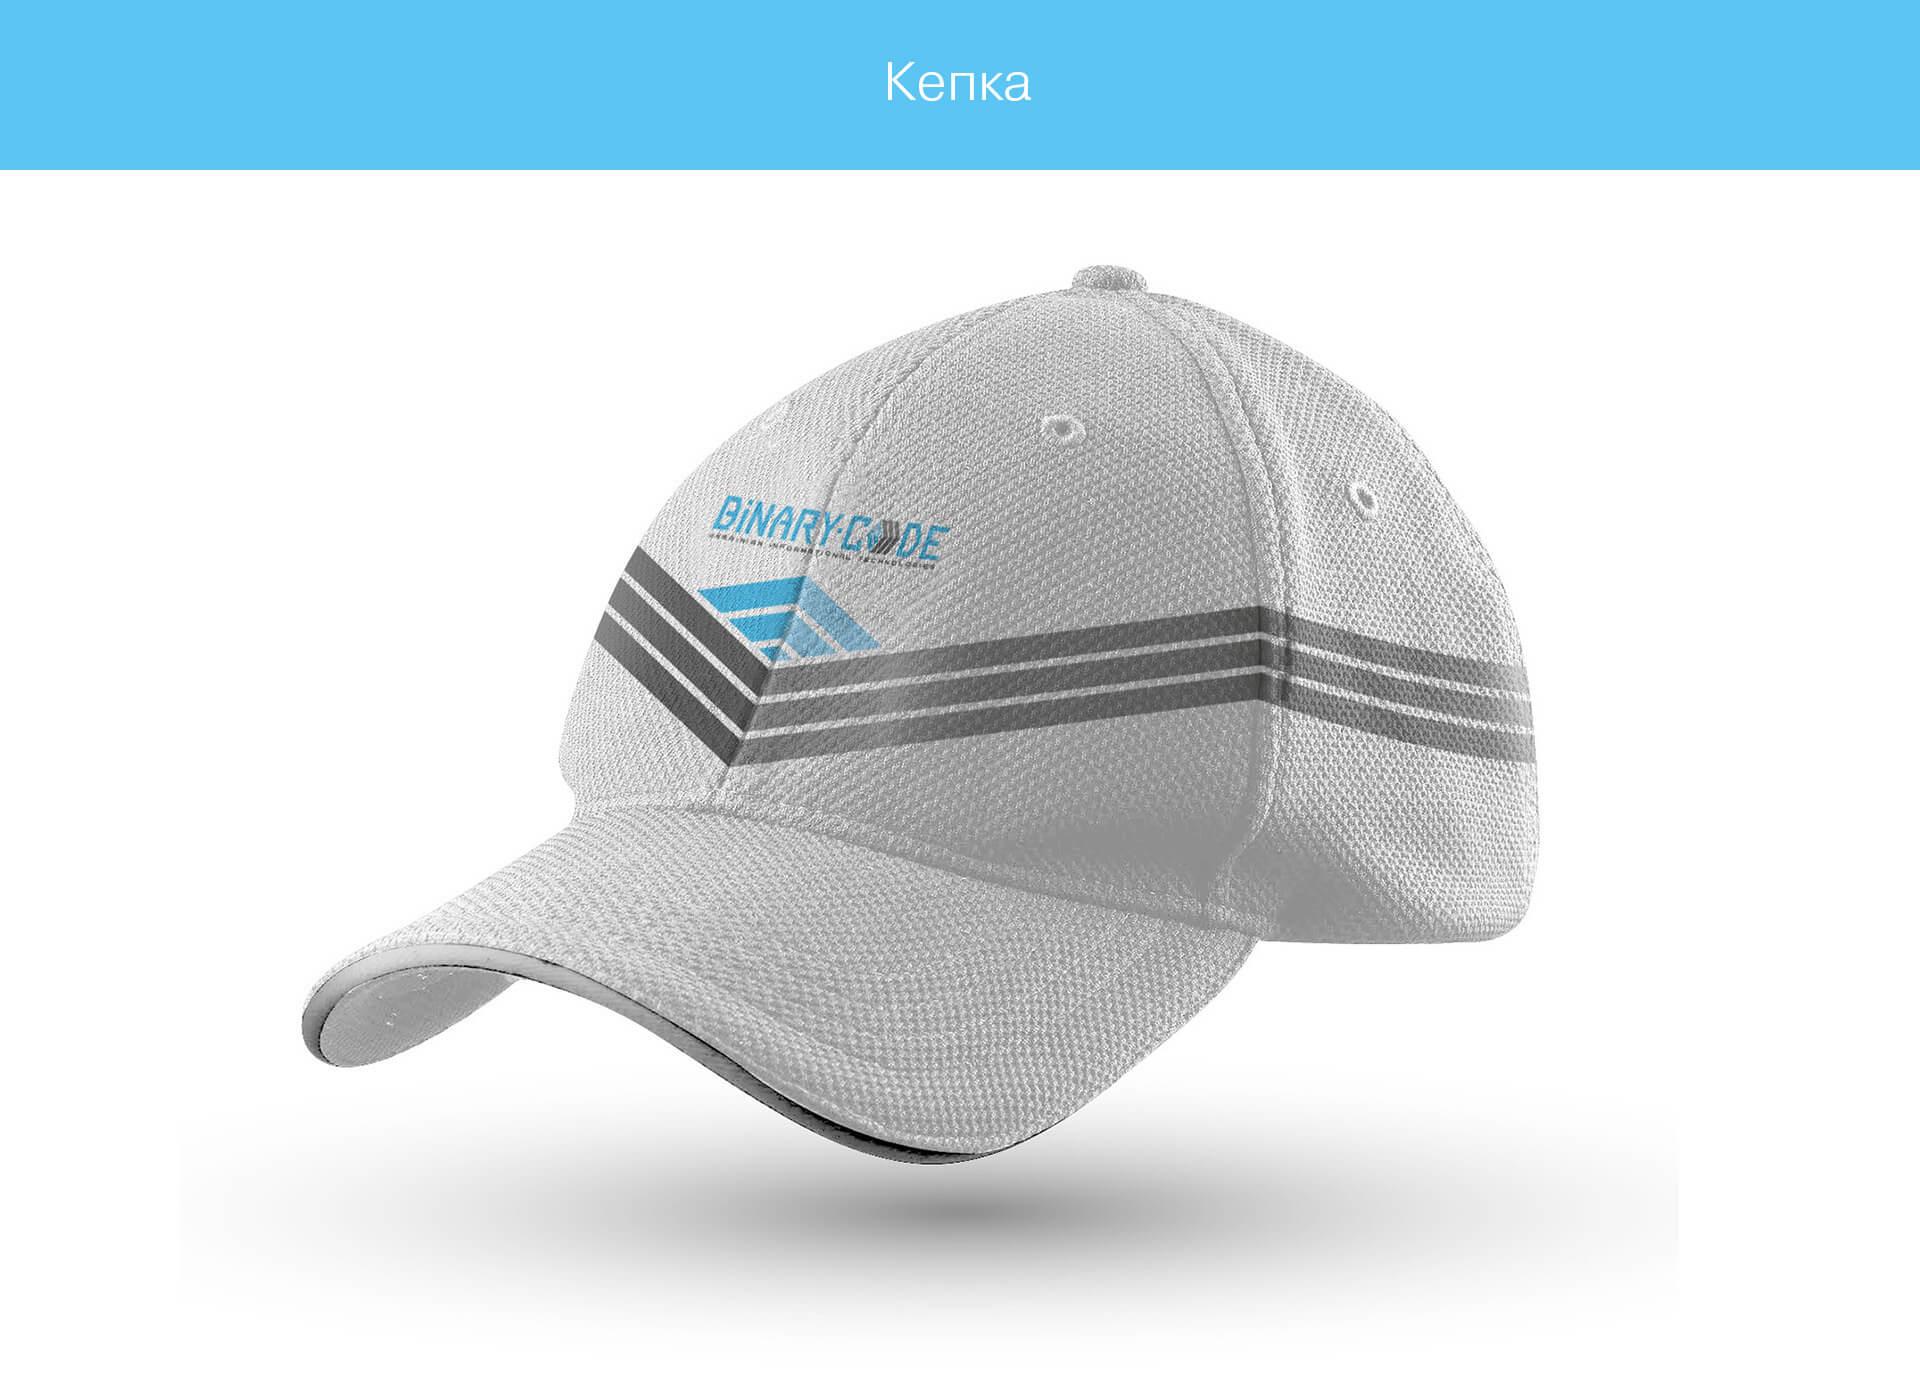 Разработка и создание дизайна кепки (брендинг) от Fantastic Imago брендиногове рекламное агентство